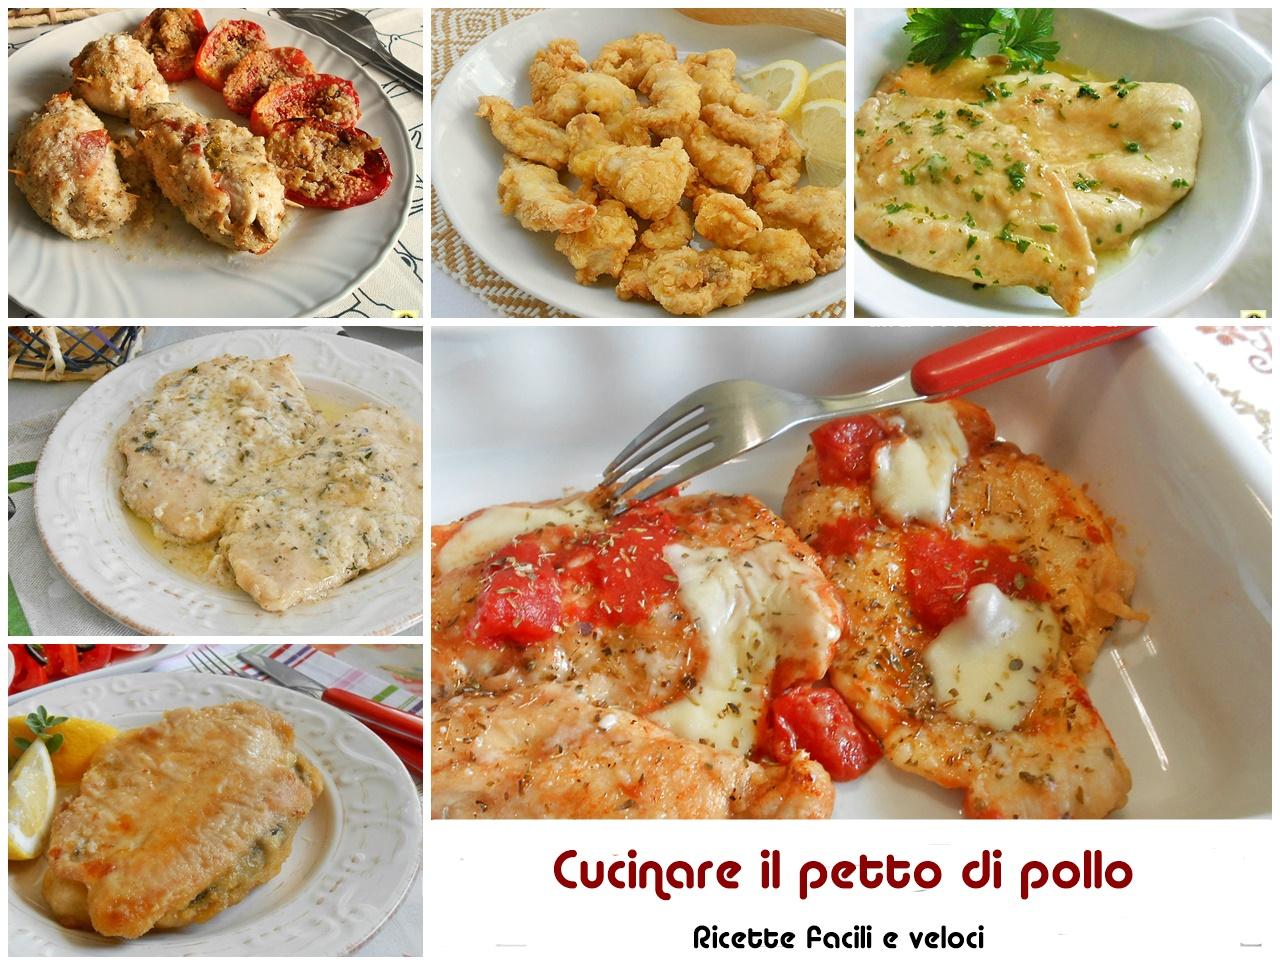 Come cuocere le cosce di pollo - Pollo e piatti pronti ...